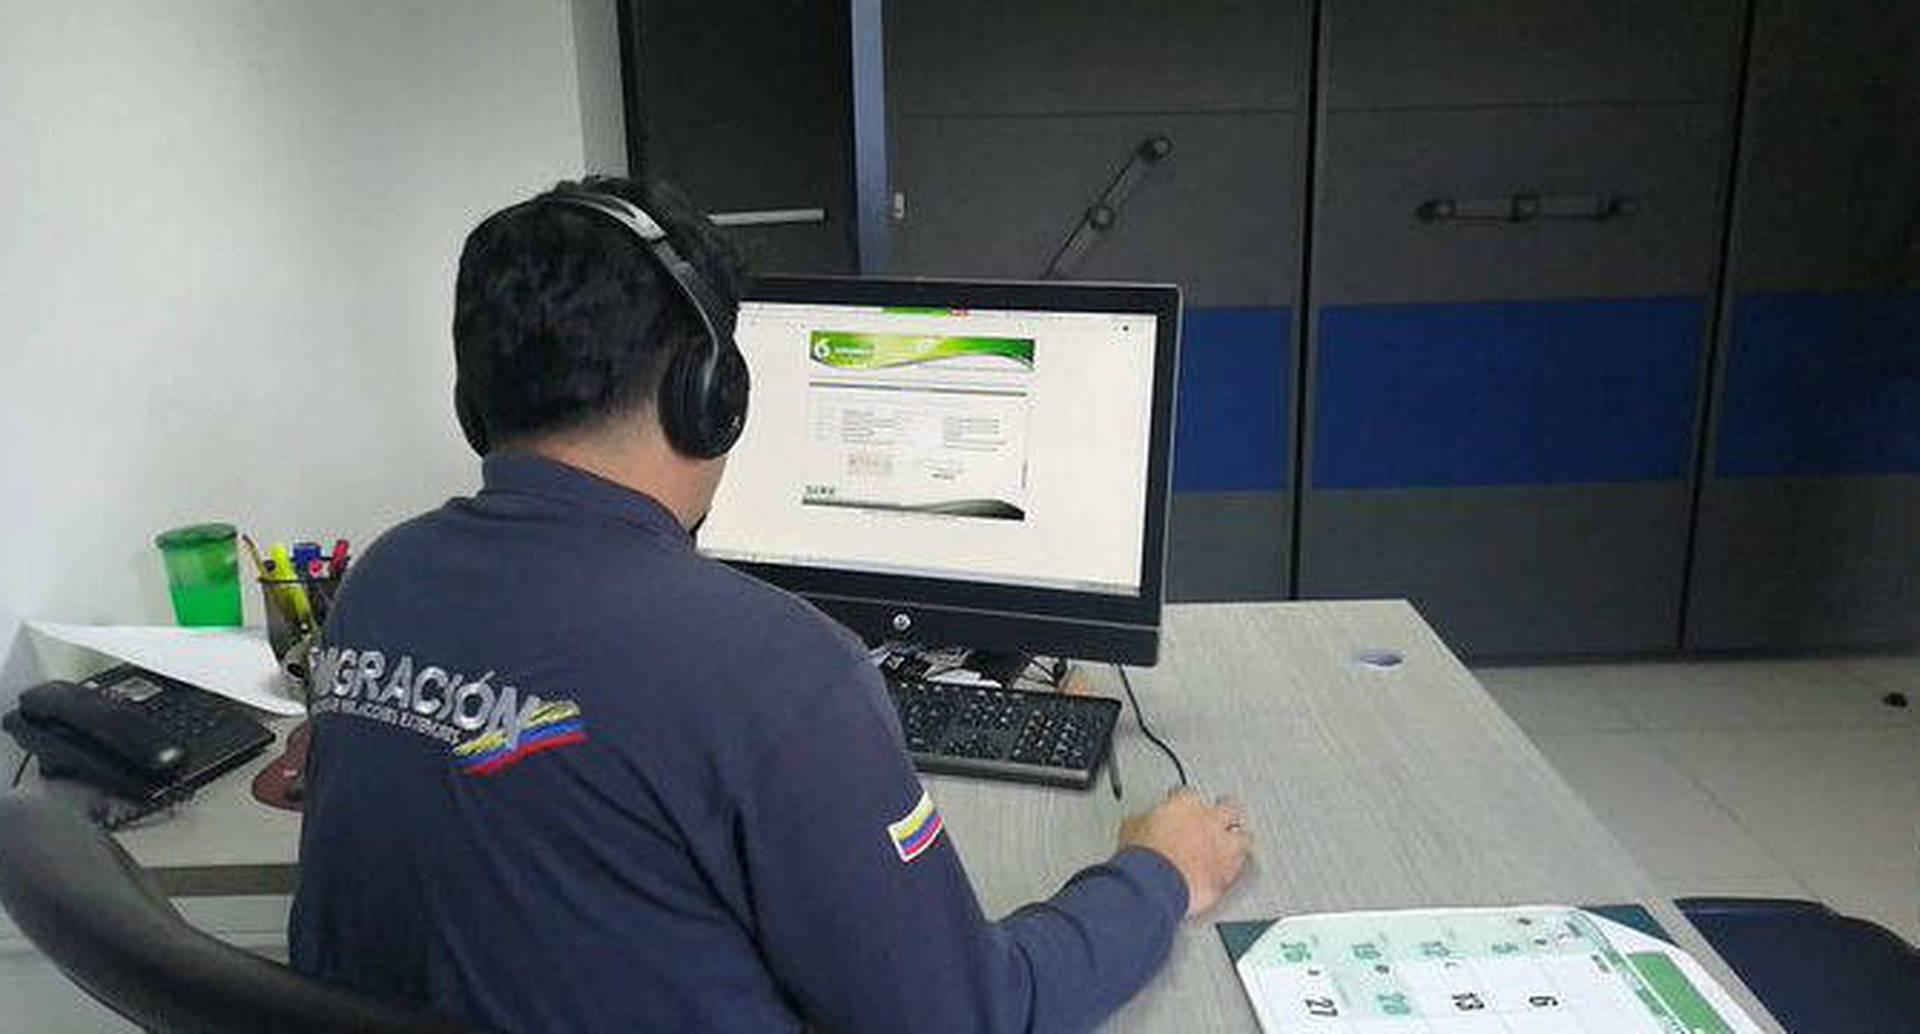 Migración Colombia anuncia mejoras en dos de sus trámites en línea /Foto: @MigracionCol